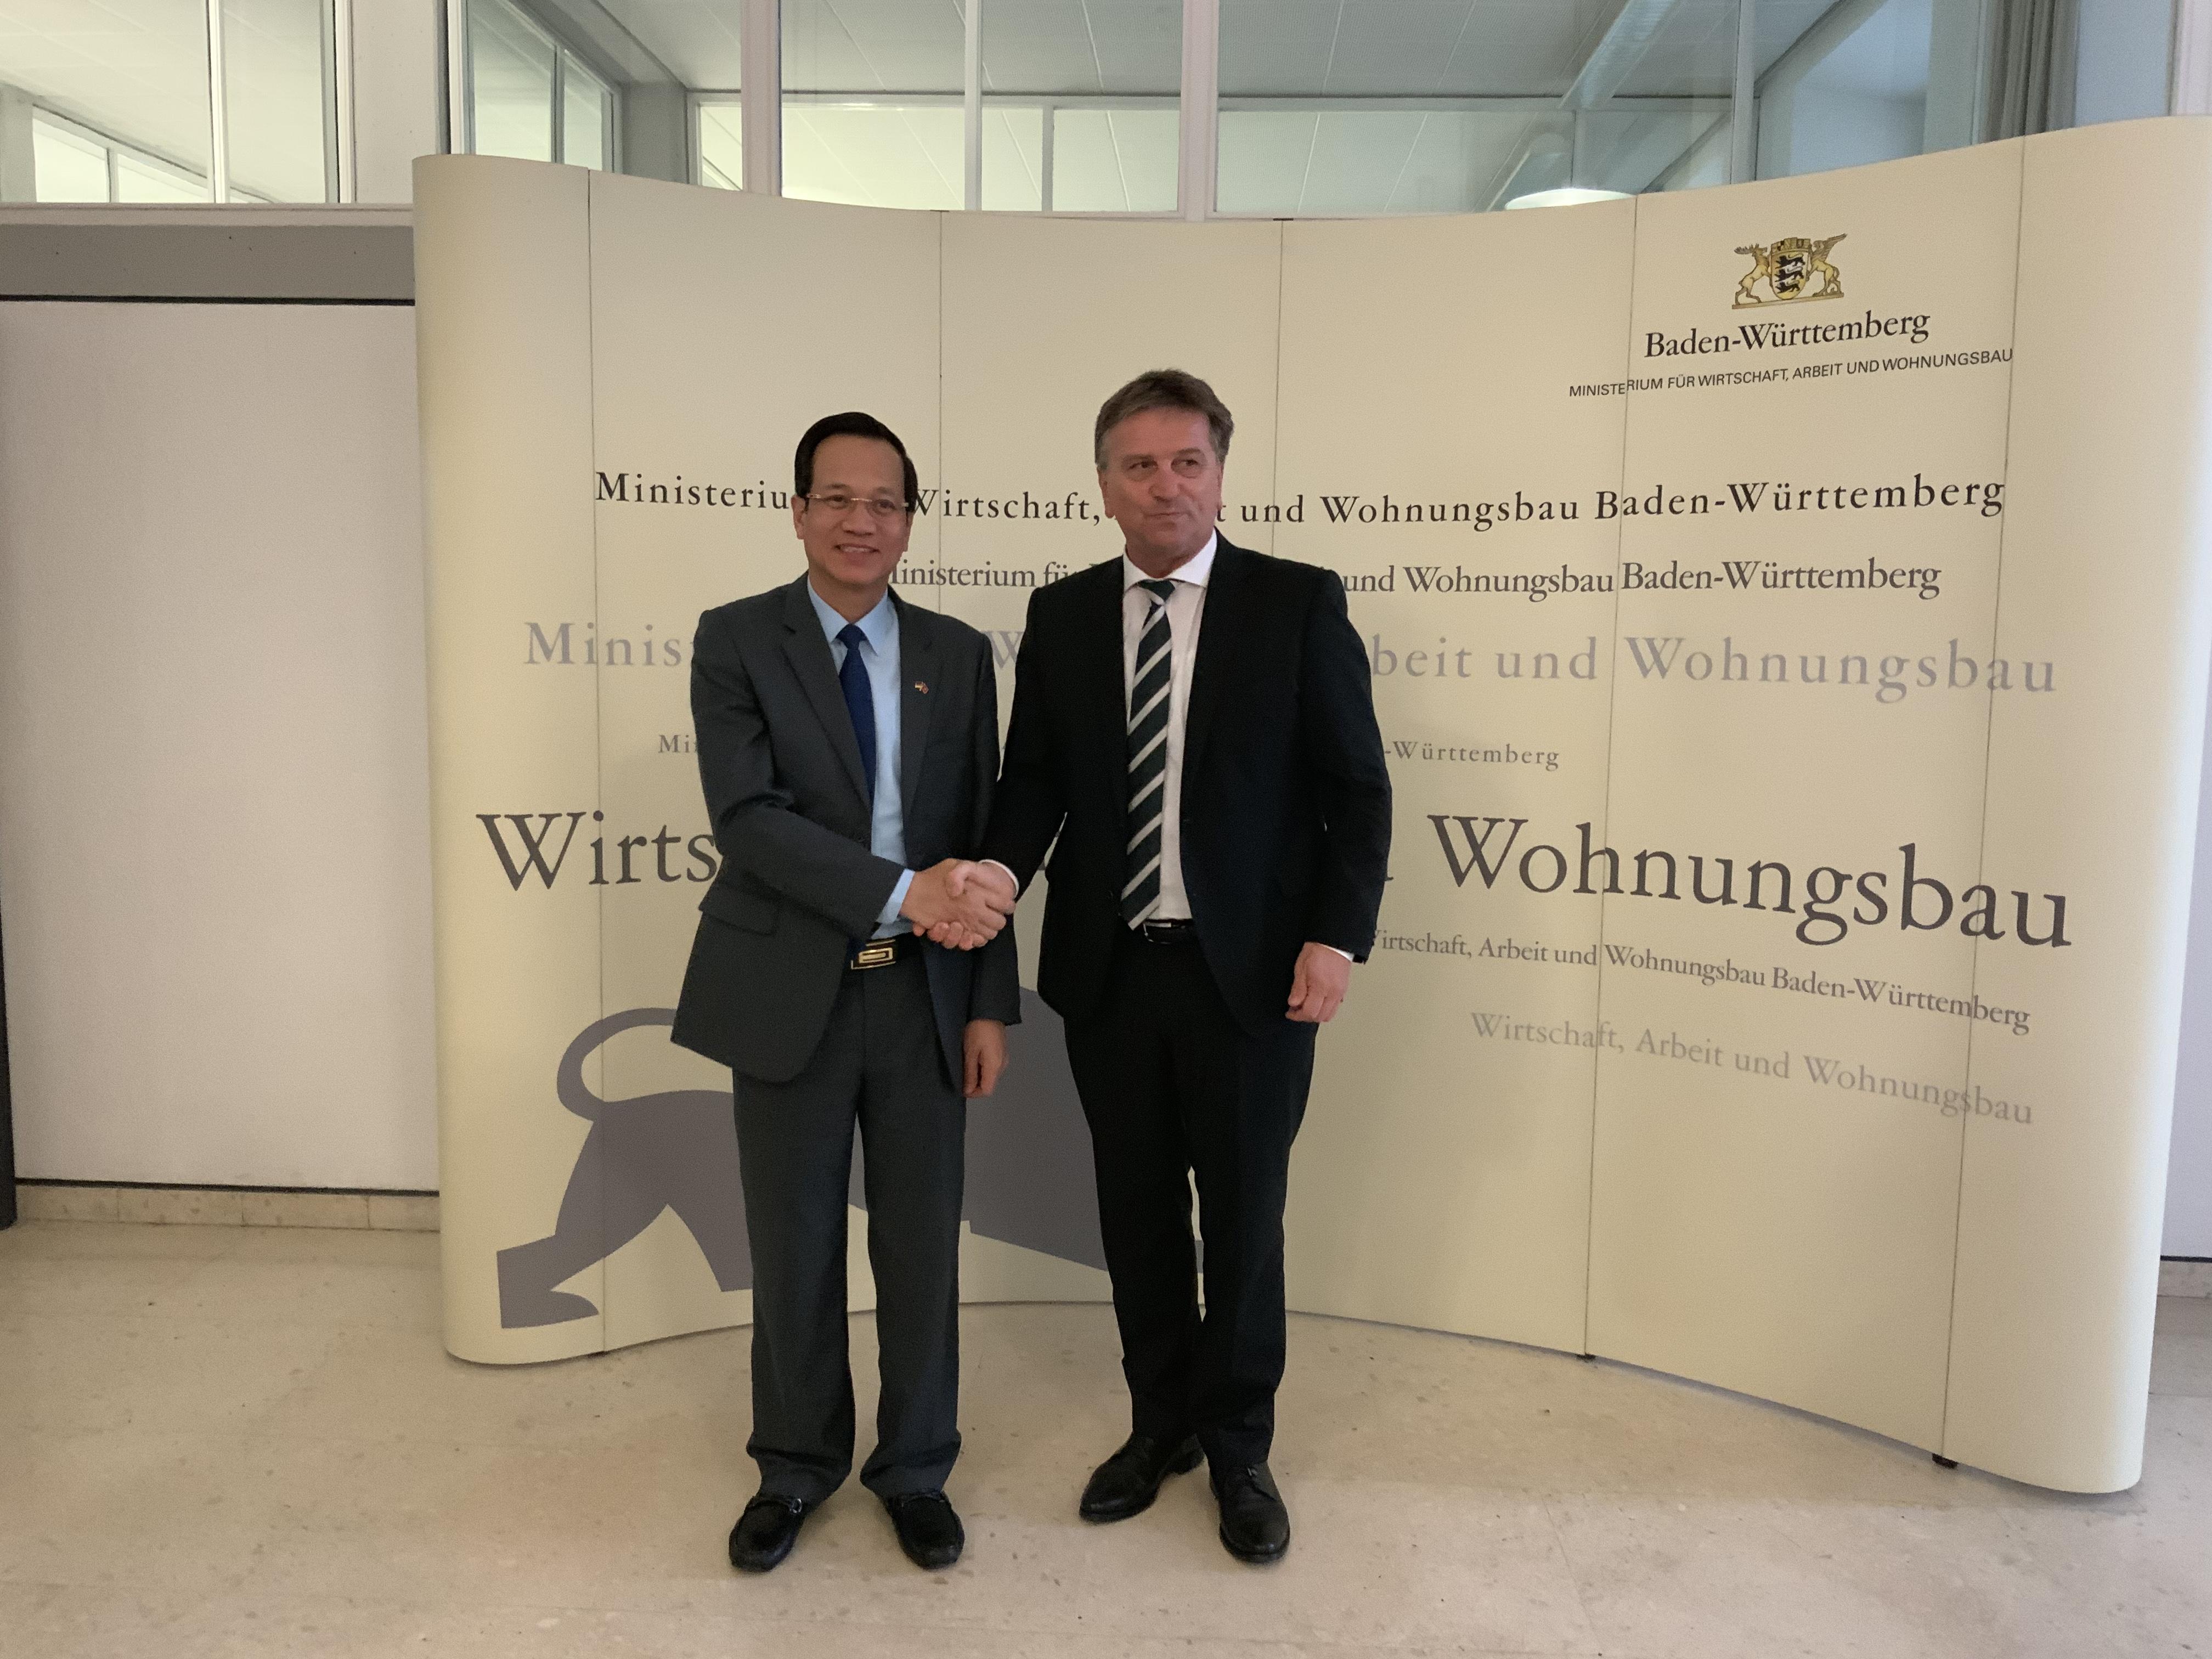 1.BT-voi-Bo-truong-Kinh-tế-và-Thương-mại-Bang-Bang-Baden--Württemberg.jpeg